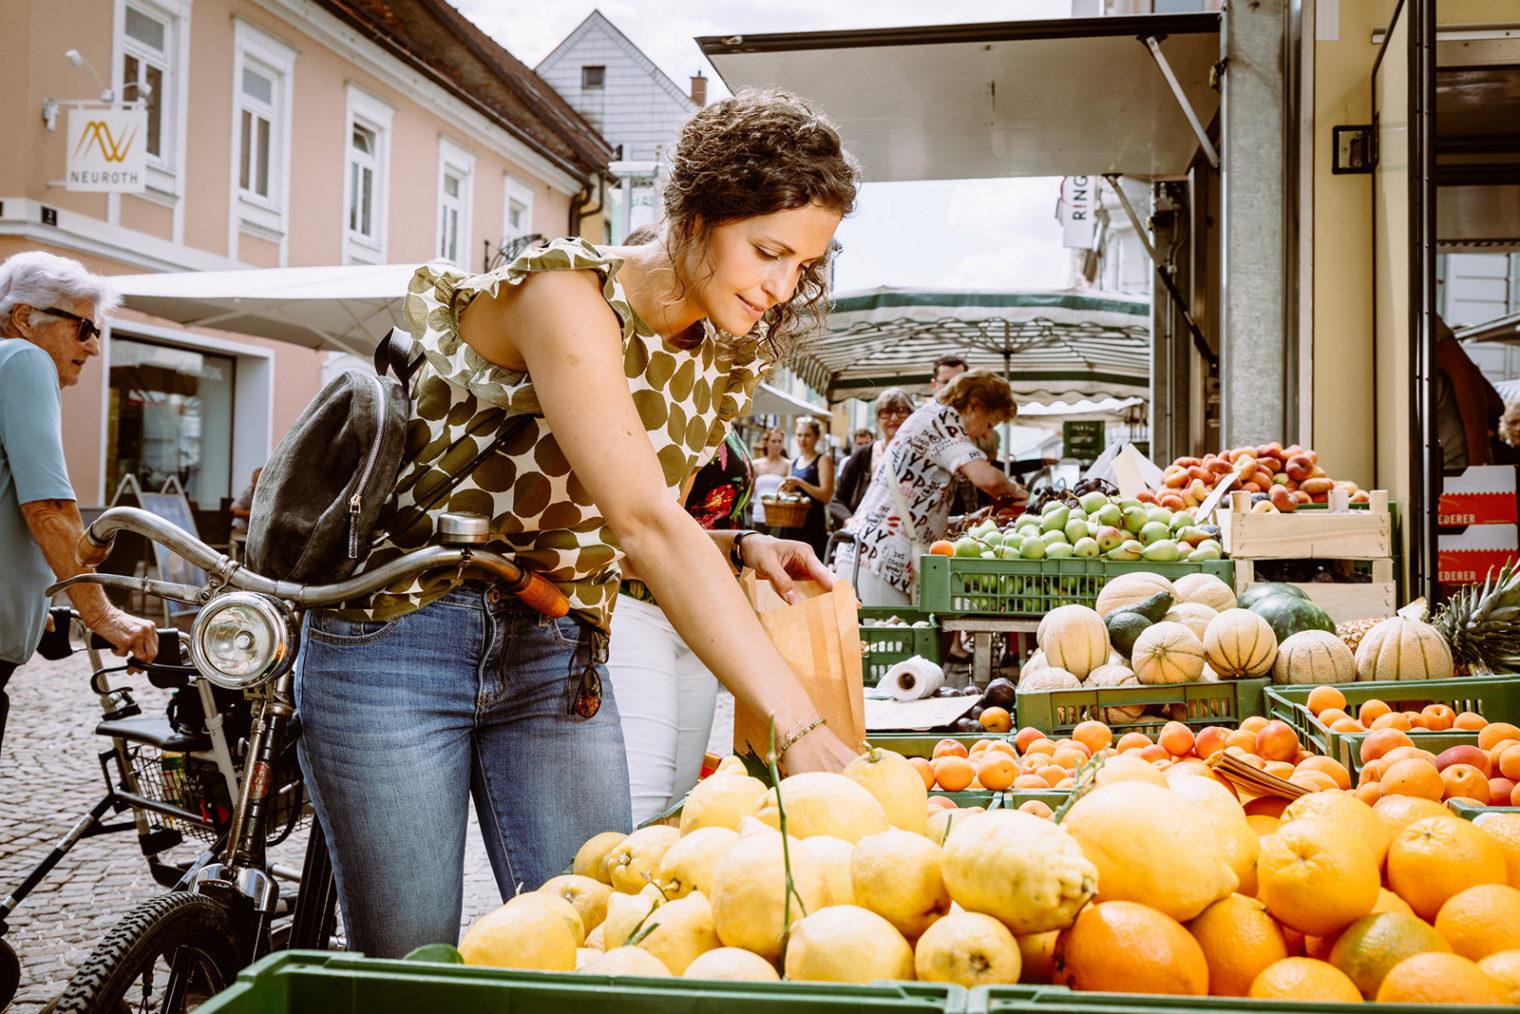 Frau bei Einkauf am Bauernmarkt